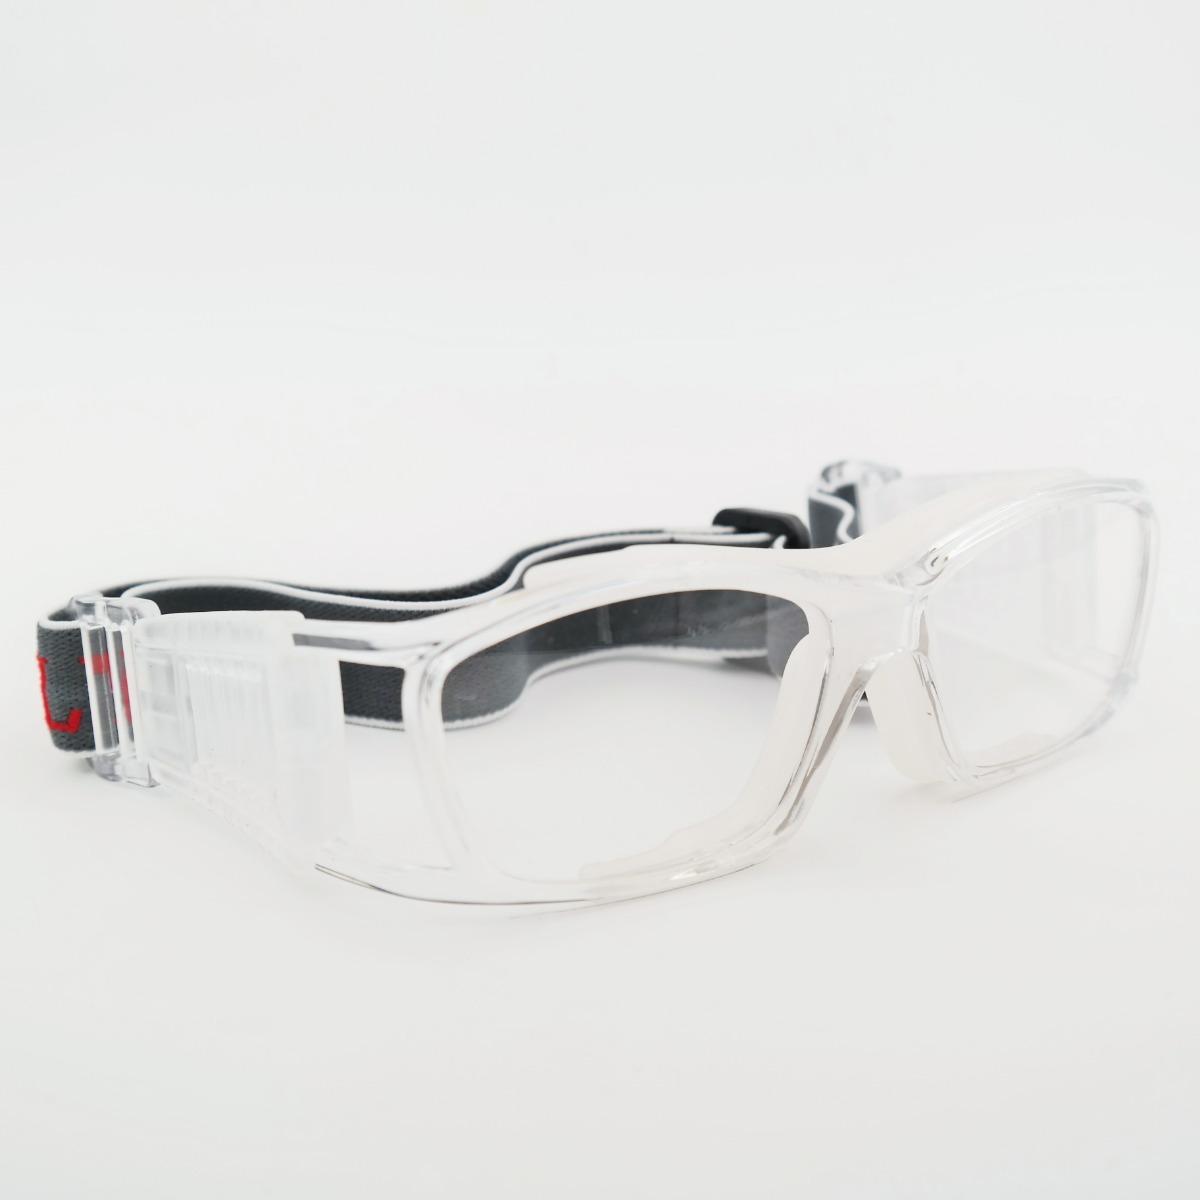 aa31ca0b40 lentes deportivos basket futbol voley hombre mujer nuevos. Cargando zoom.